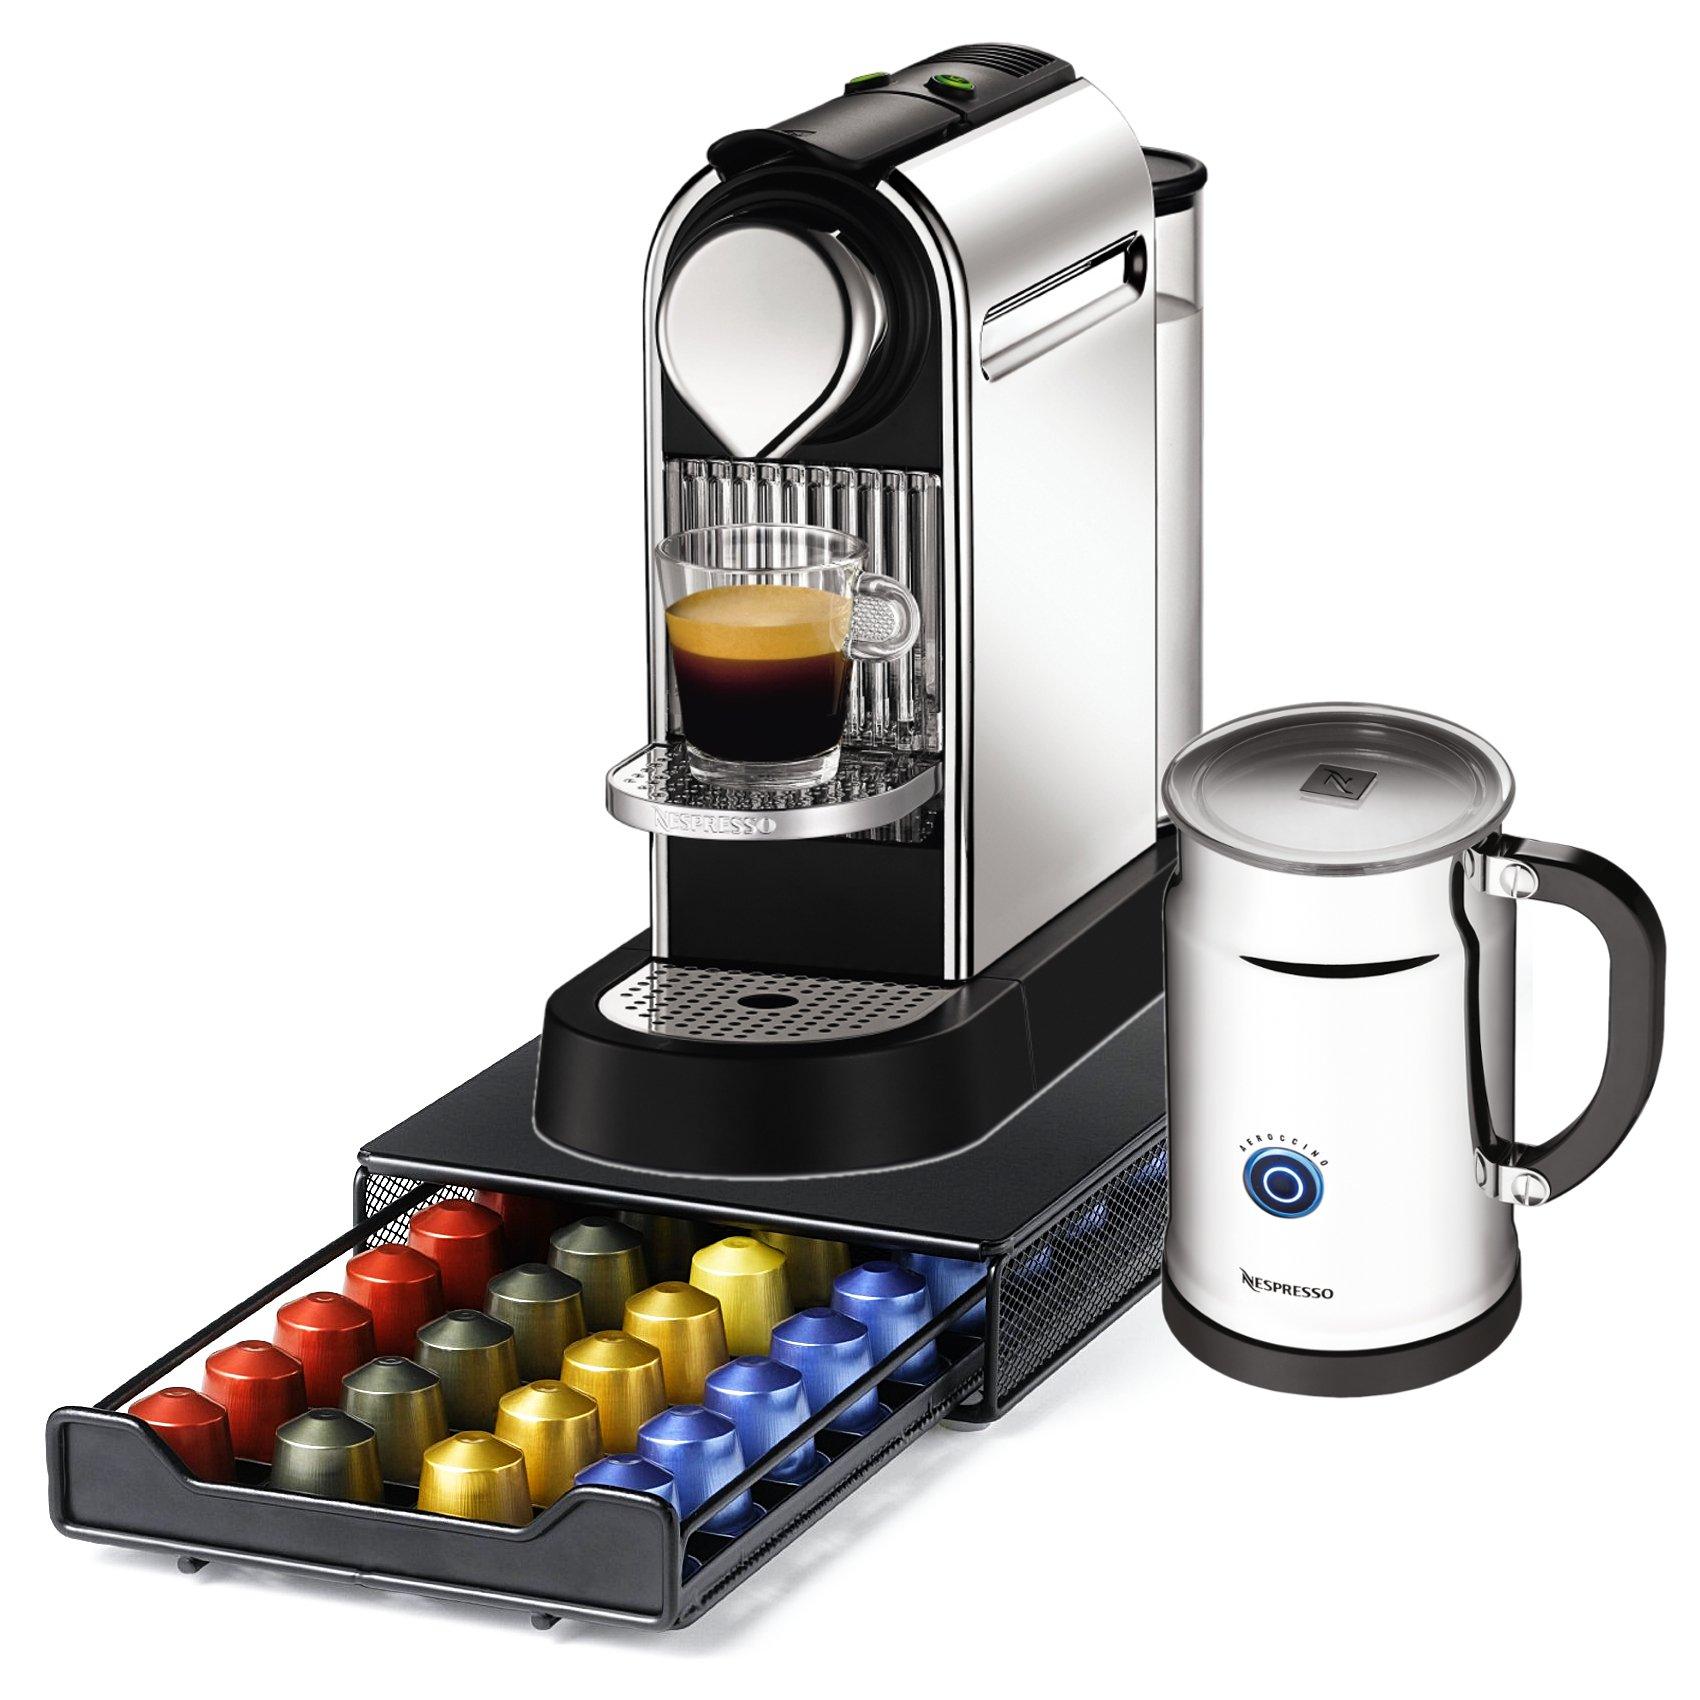 Nespresso Citiz C111 Chrome Single Serve Espresso Machine and Aeroccino Bundle and Bonus 40 Capsule Storage Drawer by Nestle Nespresso